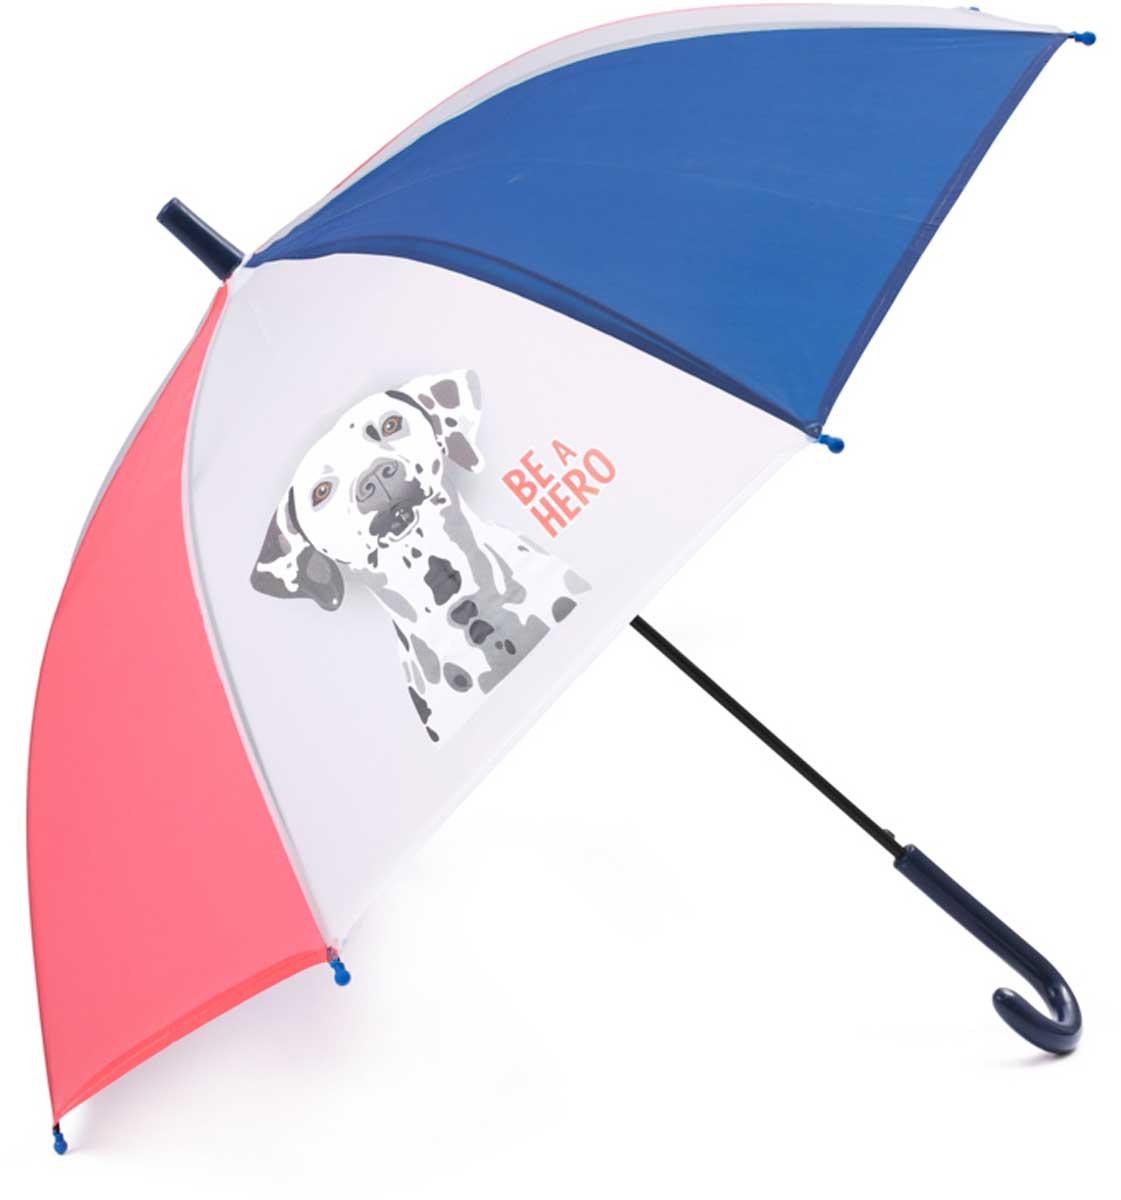 Зонт для мальчика PlayToday, цвет: белый, синий, красный. 171701. Размер 48.5171701Этот яркий цветной зонтик обязательно понравится Вашему ребенку! Оснащен специальной безопасной системой открывания и закрывания. Материал каркаса ветроустойчивый. Концы спиц снабжены пластмассовыми наконечниками для защиты от травм. Такой зонт идеально подойдет для прогулок в дождливую погоду. Преимущества: Оснащен специальной безопасной системой открывания и закрывания Концы спиц снабжены пластмассовыми наконечниками для защиты от травм